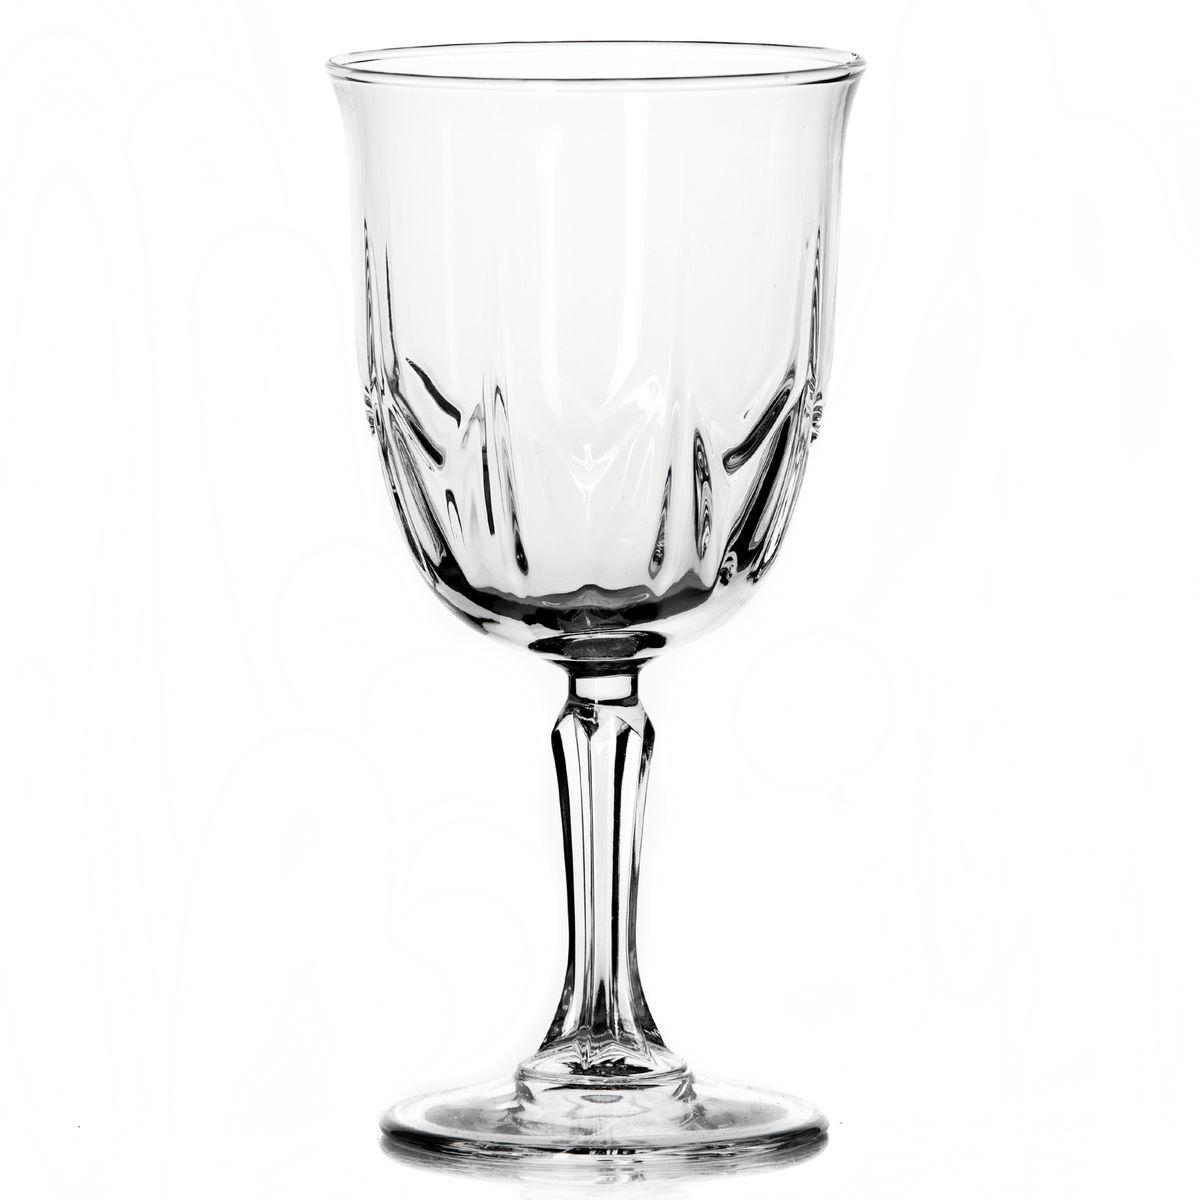 Набор бокалов Pasabahce Karat, 335 мл, 6 шт440148BНабор Pasabahce Karat состоит из шести бокалов, выполненных из прочного натрий-кальций-силикатного стекла. Изделия оснащены рельефной поверхностью и фигурной ножкой. Бокалы сочетают в себе элегантный дизайн и функциональность. Благодаря такому набору пить напитки будет еще вкуснее. Набор бокалов Pasabahce Karat прекрасно оформит праздничный стол и создаст приятную атмосферу за романтическим ужином. Такой набор также станет хорошим подарком к любому случаю. Можно мыть в посудомоечной машине. Диаметр бокала (по верхнему краю): 8,5 см. Высота бокала: 18 см.